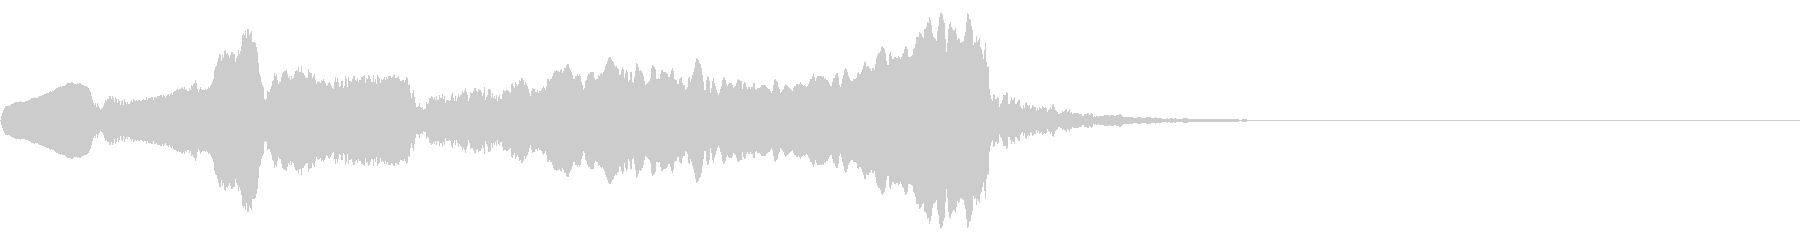 印象的な二胡のワンフレーズの未再生の波形